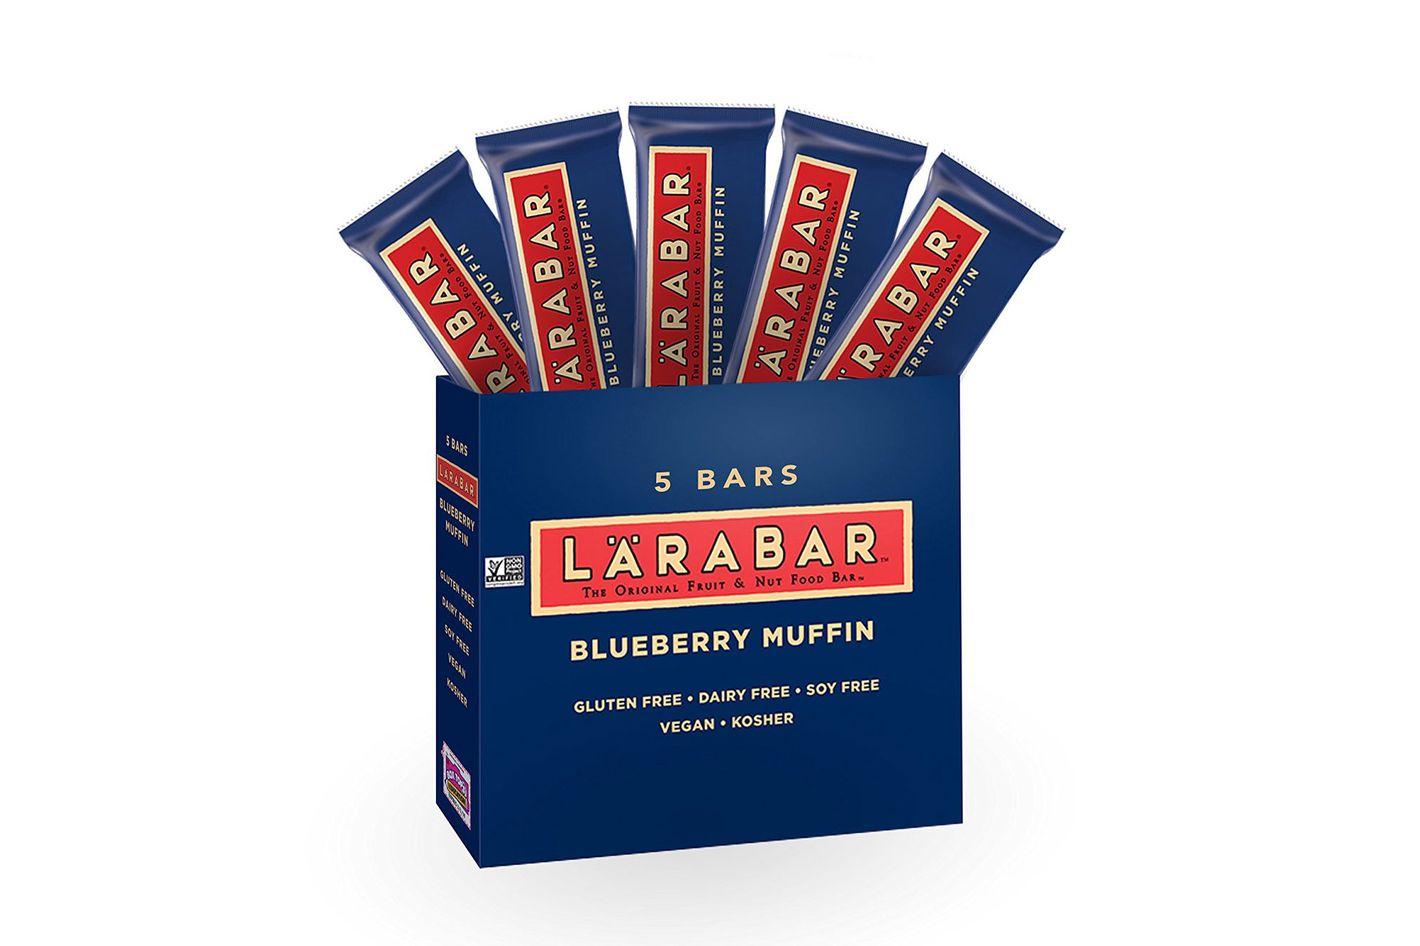 Larabar's Blueberry Muffin Bar